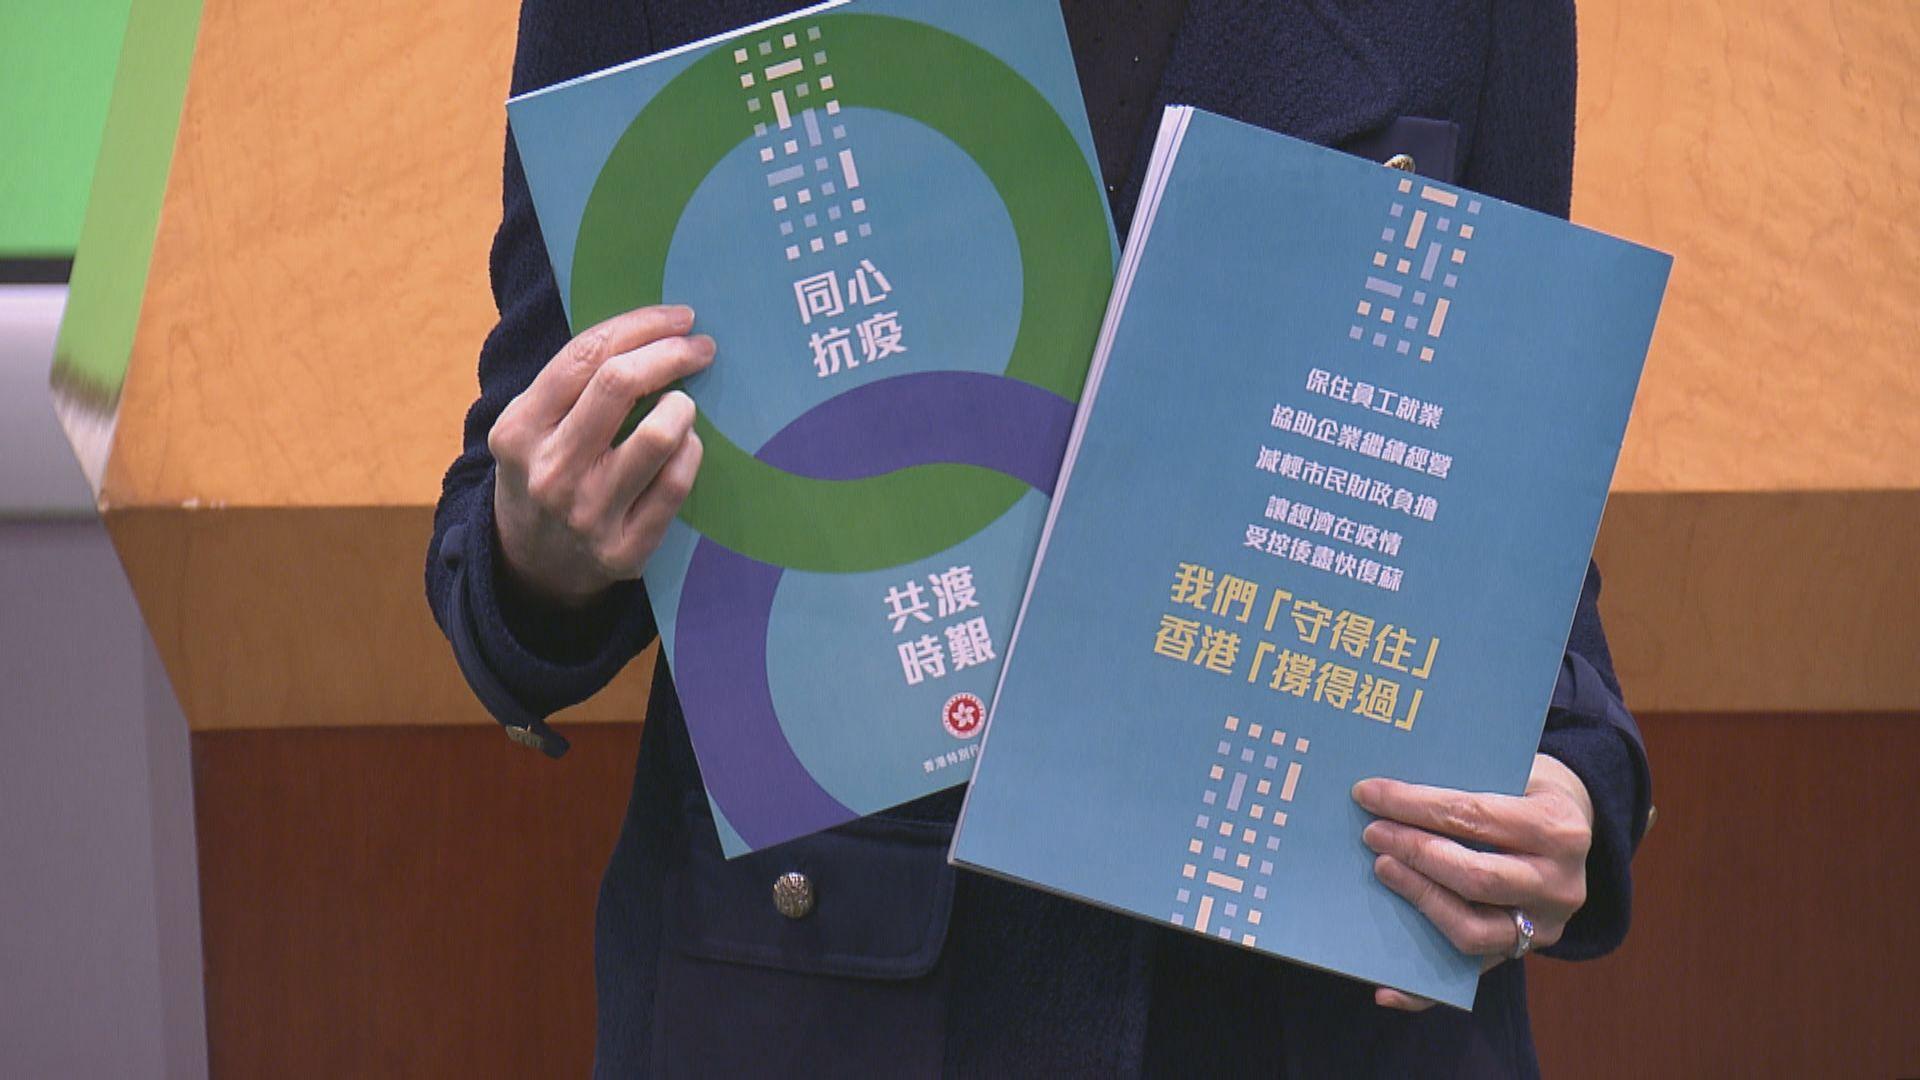 林鄭月娥:工資補貼以一月至三月人手及工資為基礎